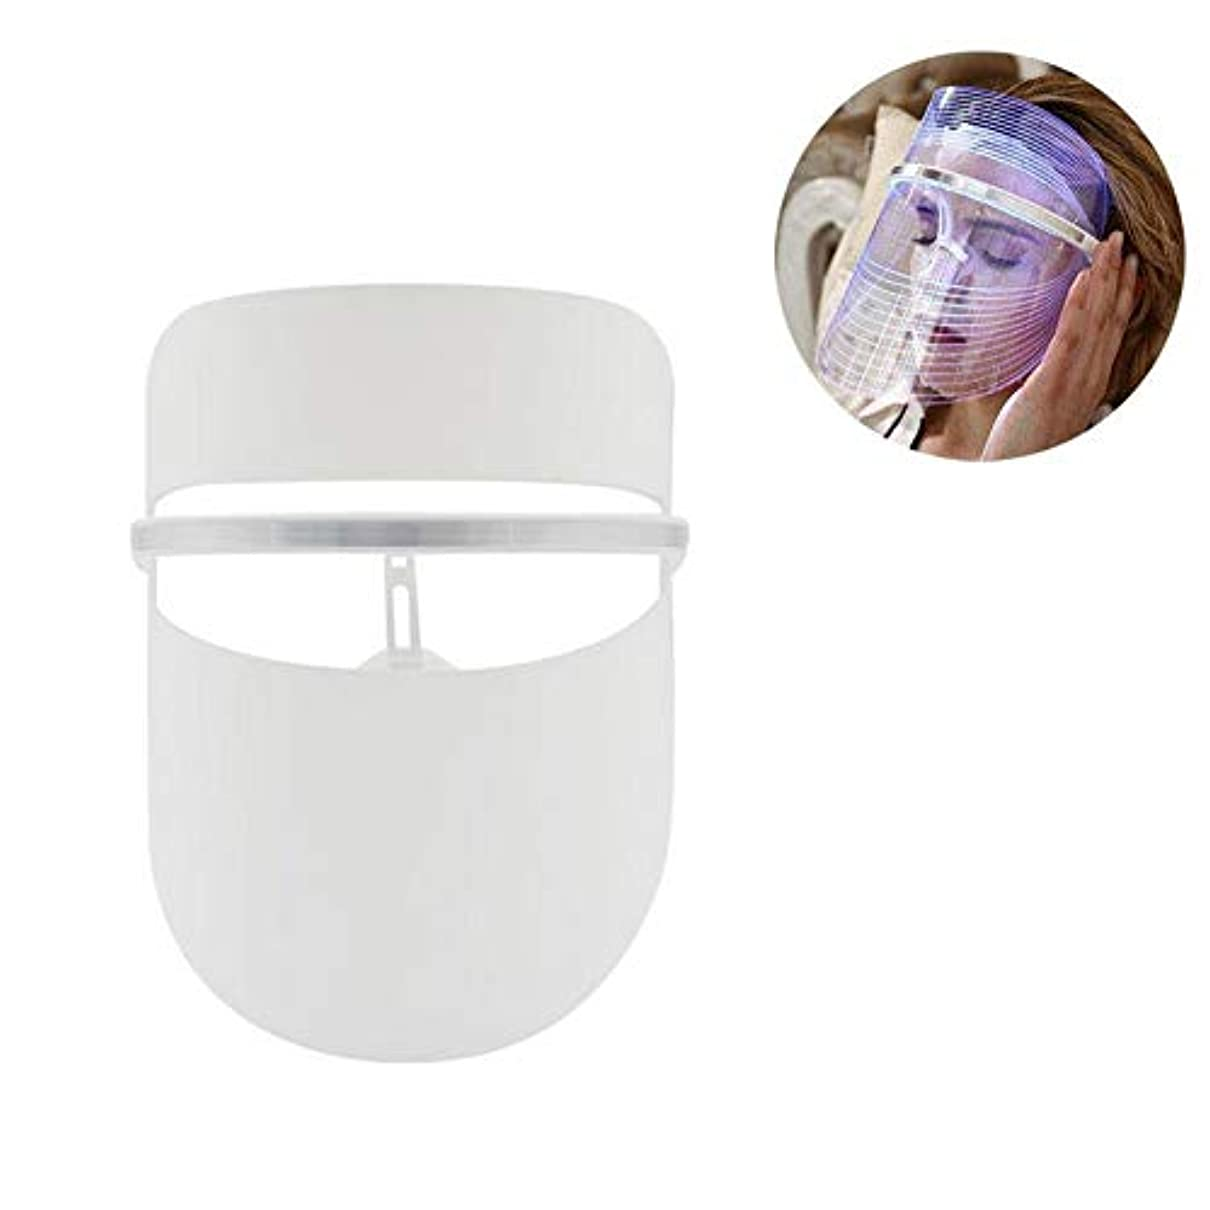 四半期文芸描く3色LEDライトフェイスマスクしわ除去フェイシャルライトセラピーアンチエイジングシワフェイシャルスキンケアマスク